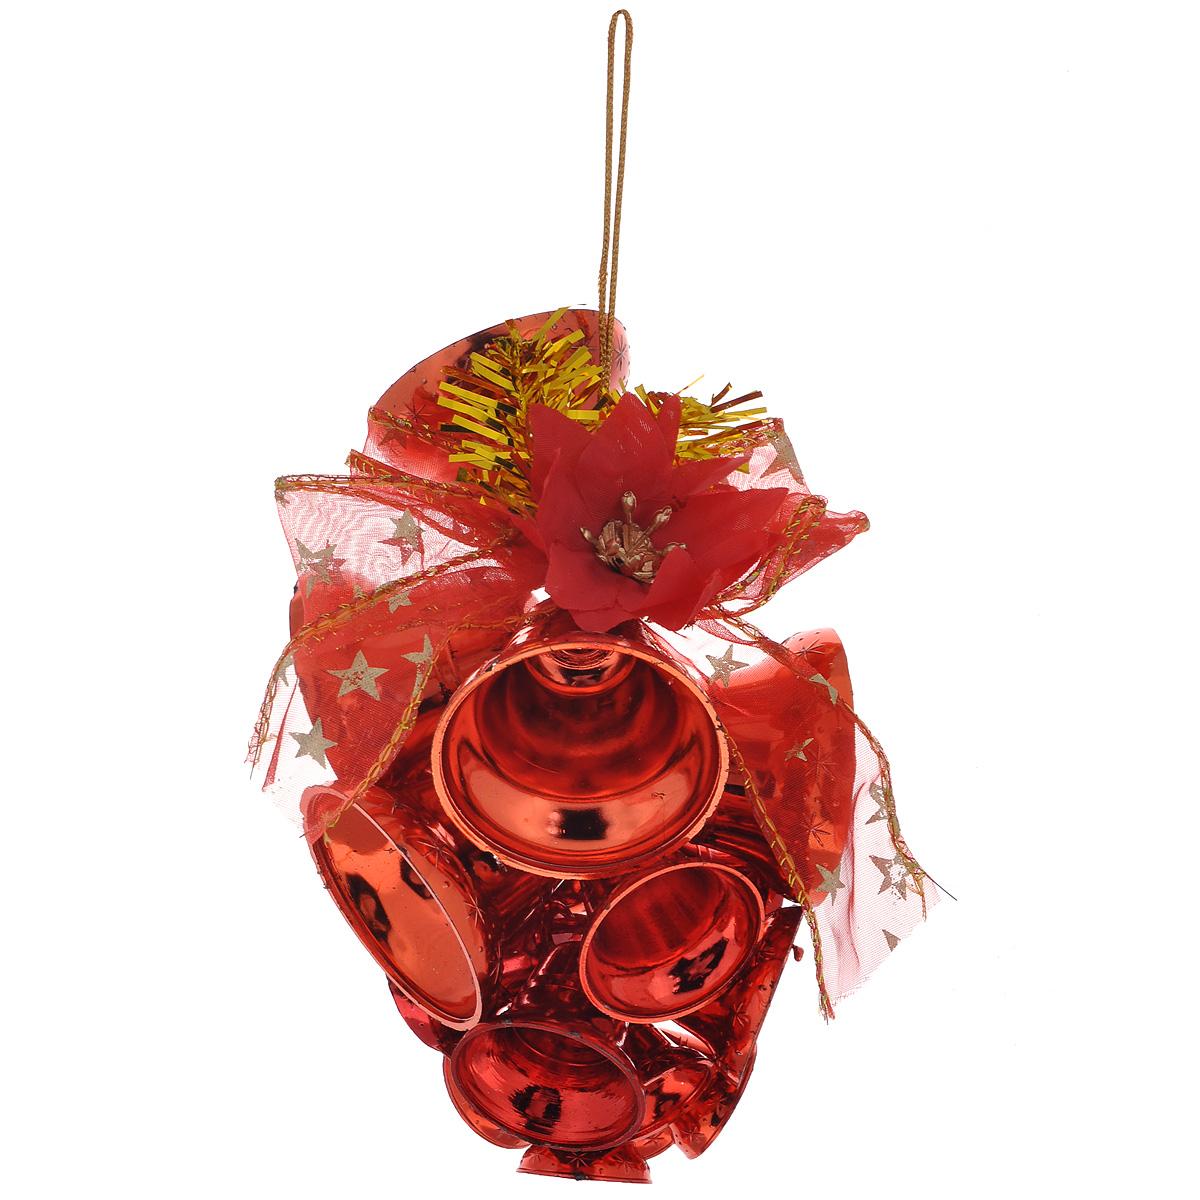 Новогоднее подвесное украшение Колокольчики, цвет: красный. 3442434424Новогоднее украшение Колокольчики отлично подойдет для декорации вашего дома и новогодней ели. Игрушка выполнена в виде связки на декоративной ленте из шести пластиковых колокольчиков различных размеров. Связка украшена декоративным элементом в виде цветка с золотистым листком, ветками с ягодами и текстильным бантом с мишурой. Колокольчики украшены мишурой и золотой каймой по краю. Украшение оснащено специальной текстильной петелькой для подвешивания. Елочная игрушка - символ Нового года. Она несет в себе волшебство и красоту праздника. Создайте в своем доме атмосферу веселья и радости, украшая всей семьей новогоднюю елку нарядными игрушками, которые будут из года в год накапливать теплоту воспоминаний.